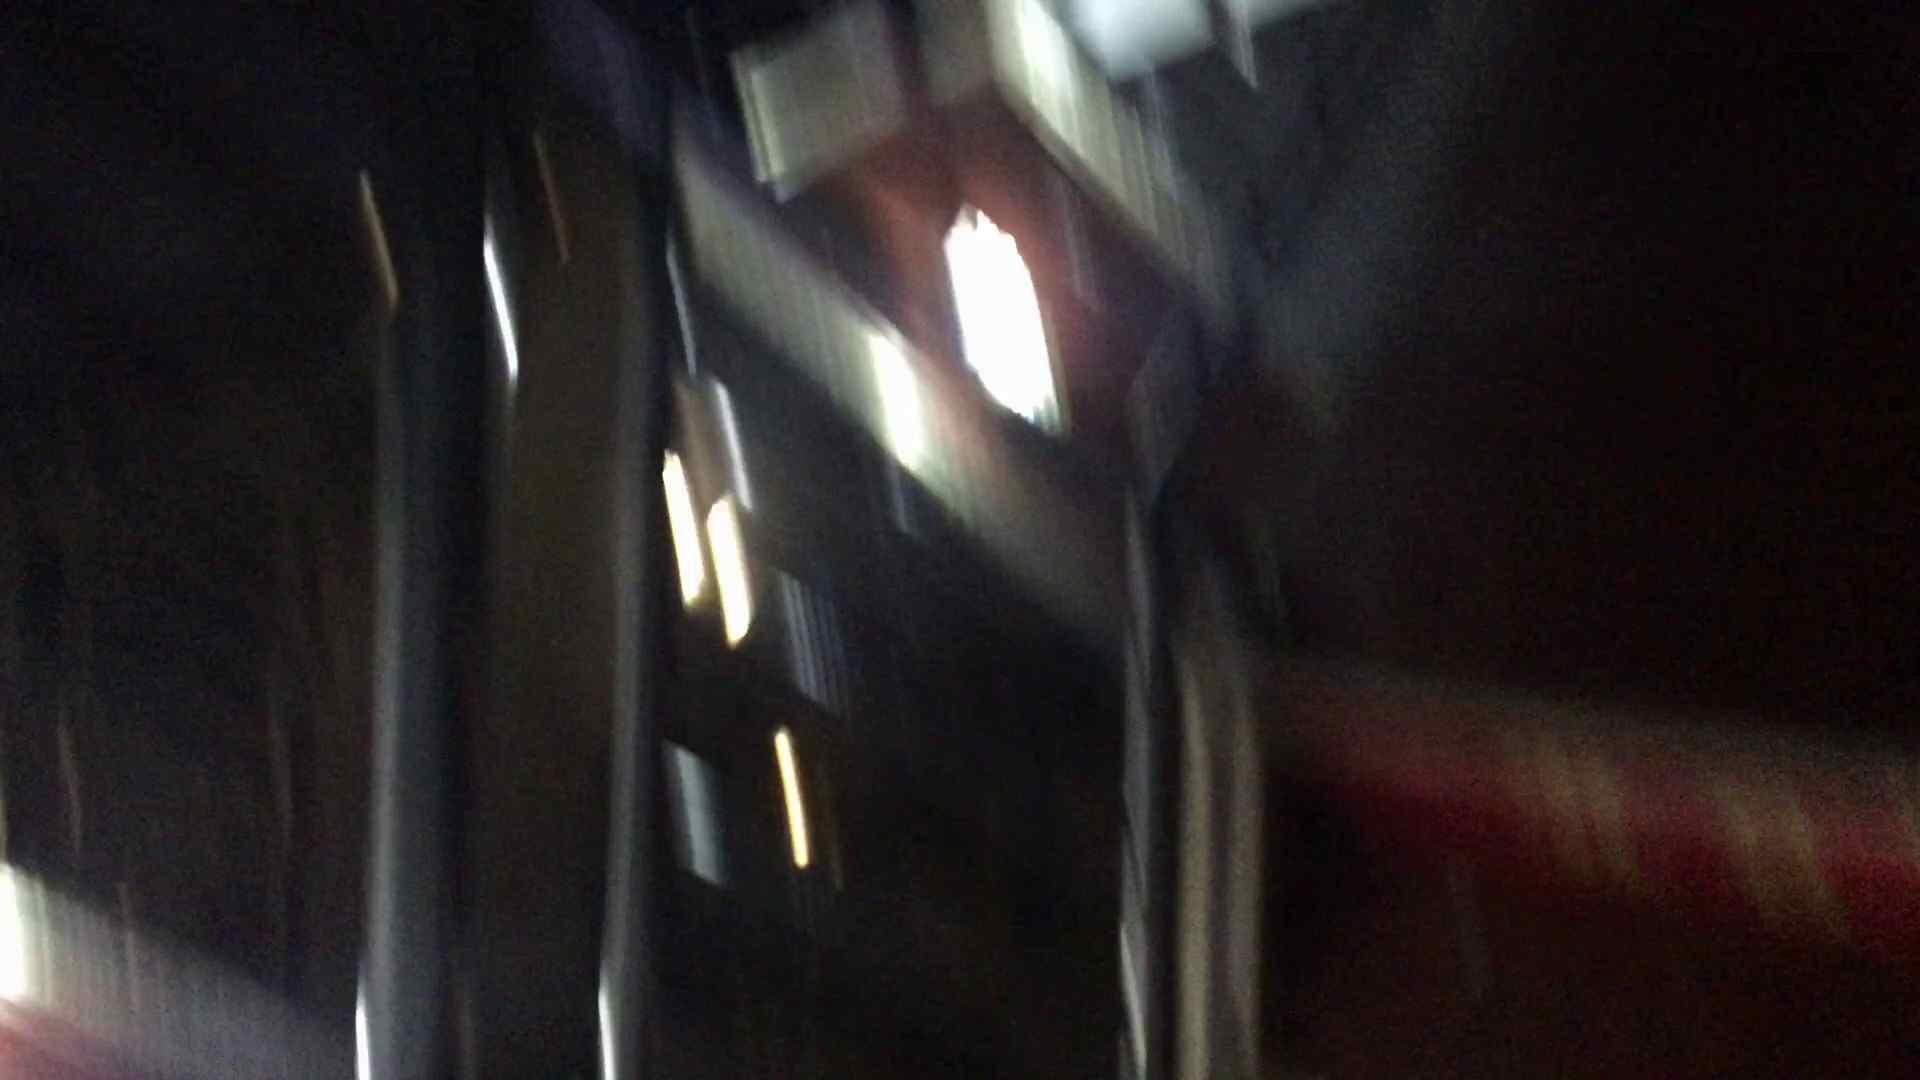 芸術大学ガチ潜入盗撮 JD盗撮 美女の洗面所の秘密 Vol.114 高画質 えろ無修正画像 50画像 31